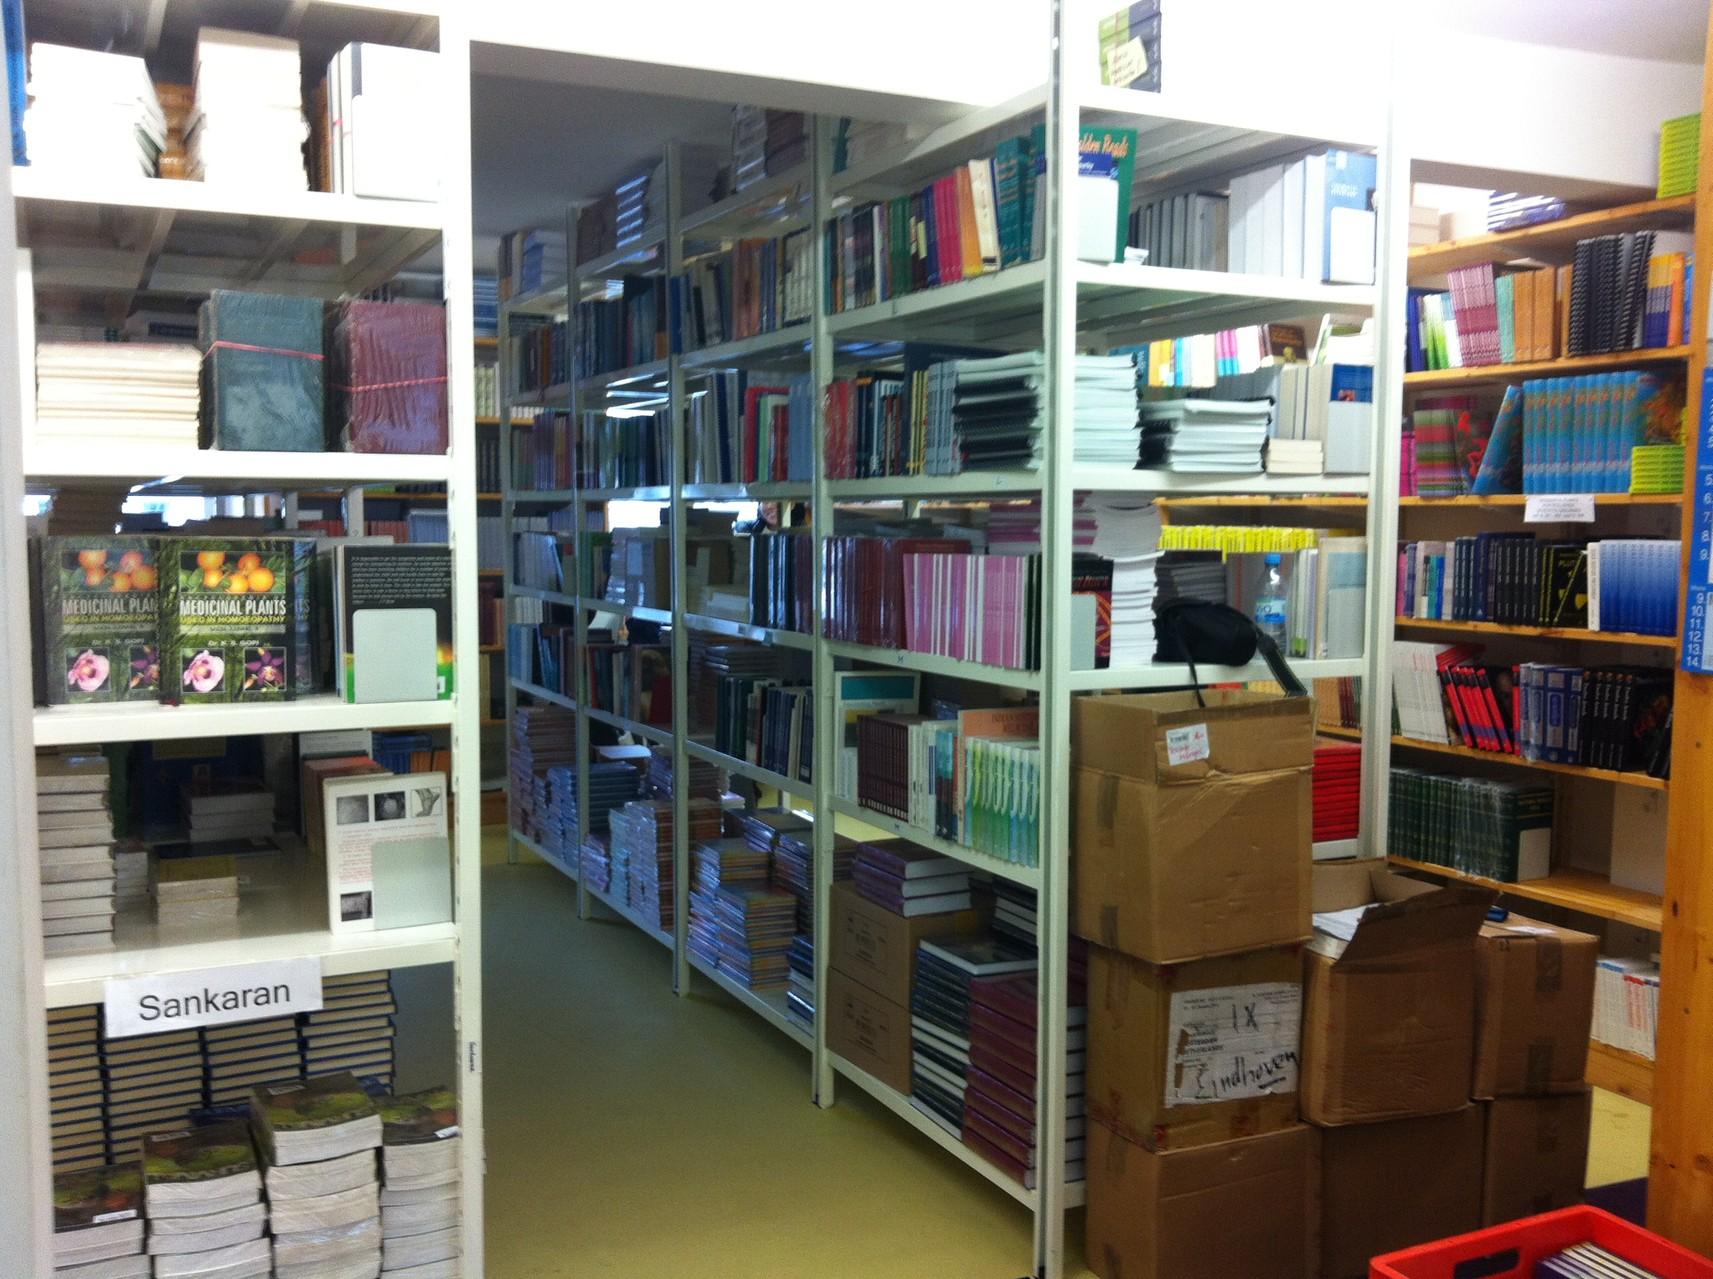 ホメオパシーの本の山。すべて英語なので、この部屋はEnglandと呼ばれている